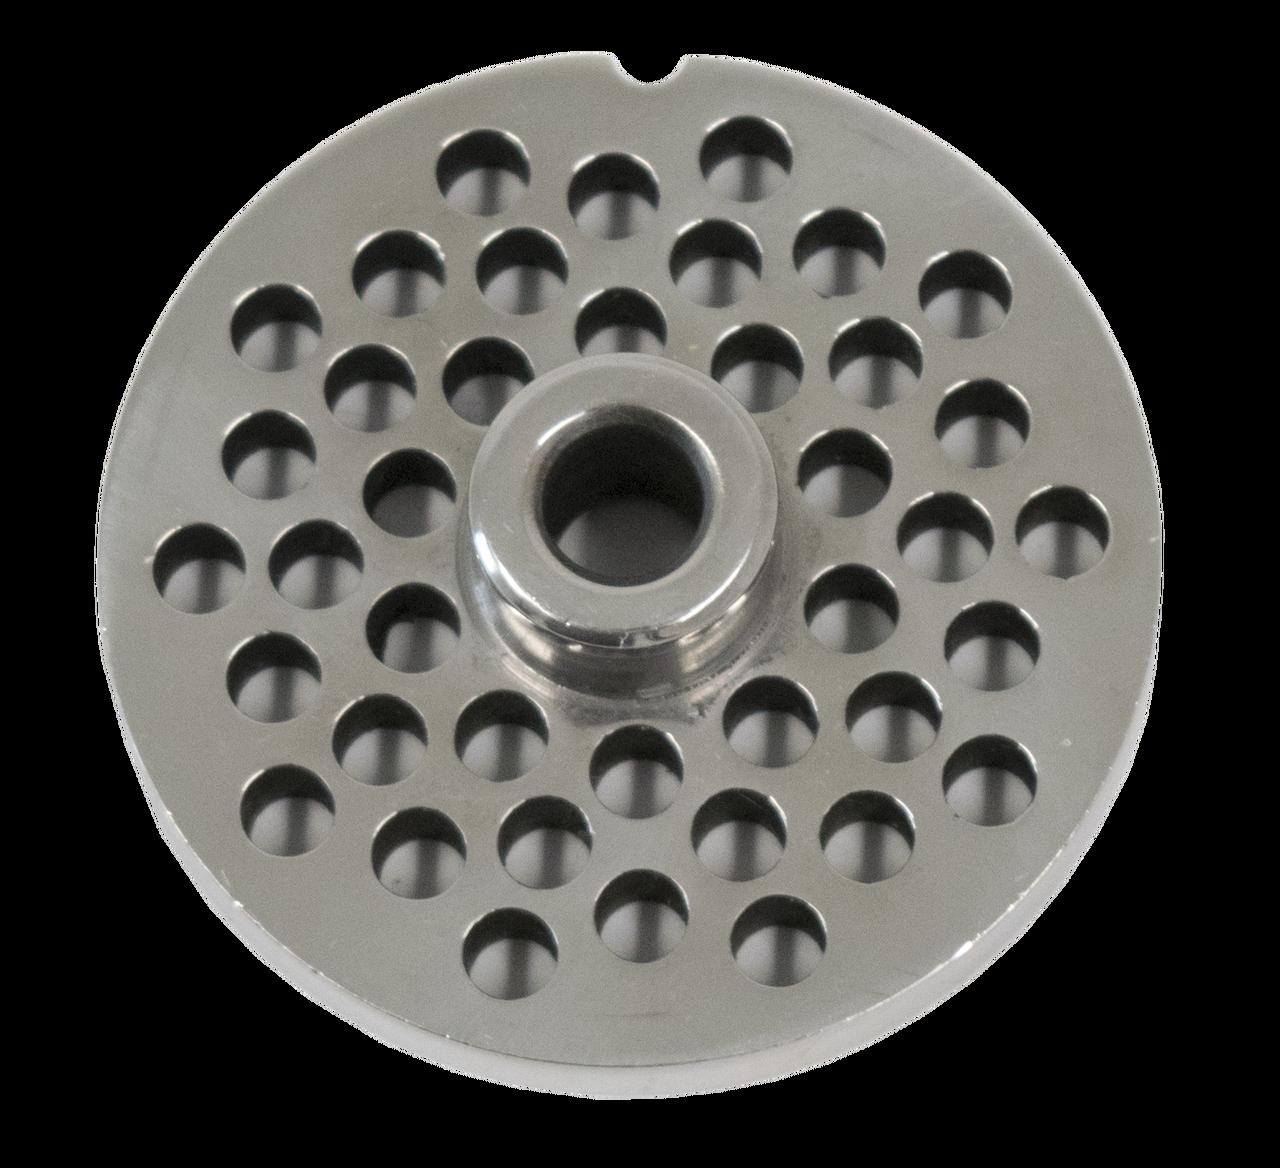 Elbplanke Ä Tännsch N Please: 6mm #12 Meat Grinder Plate Stainless Steel American Eagle